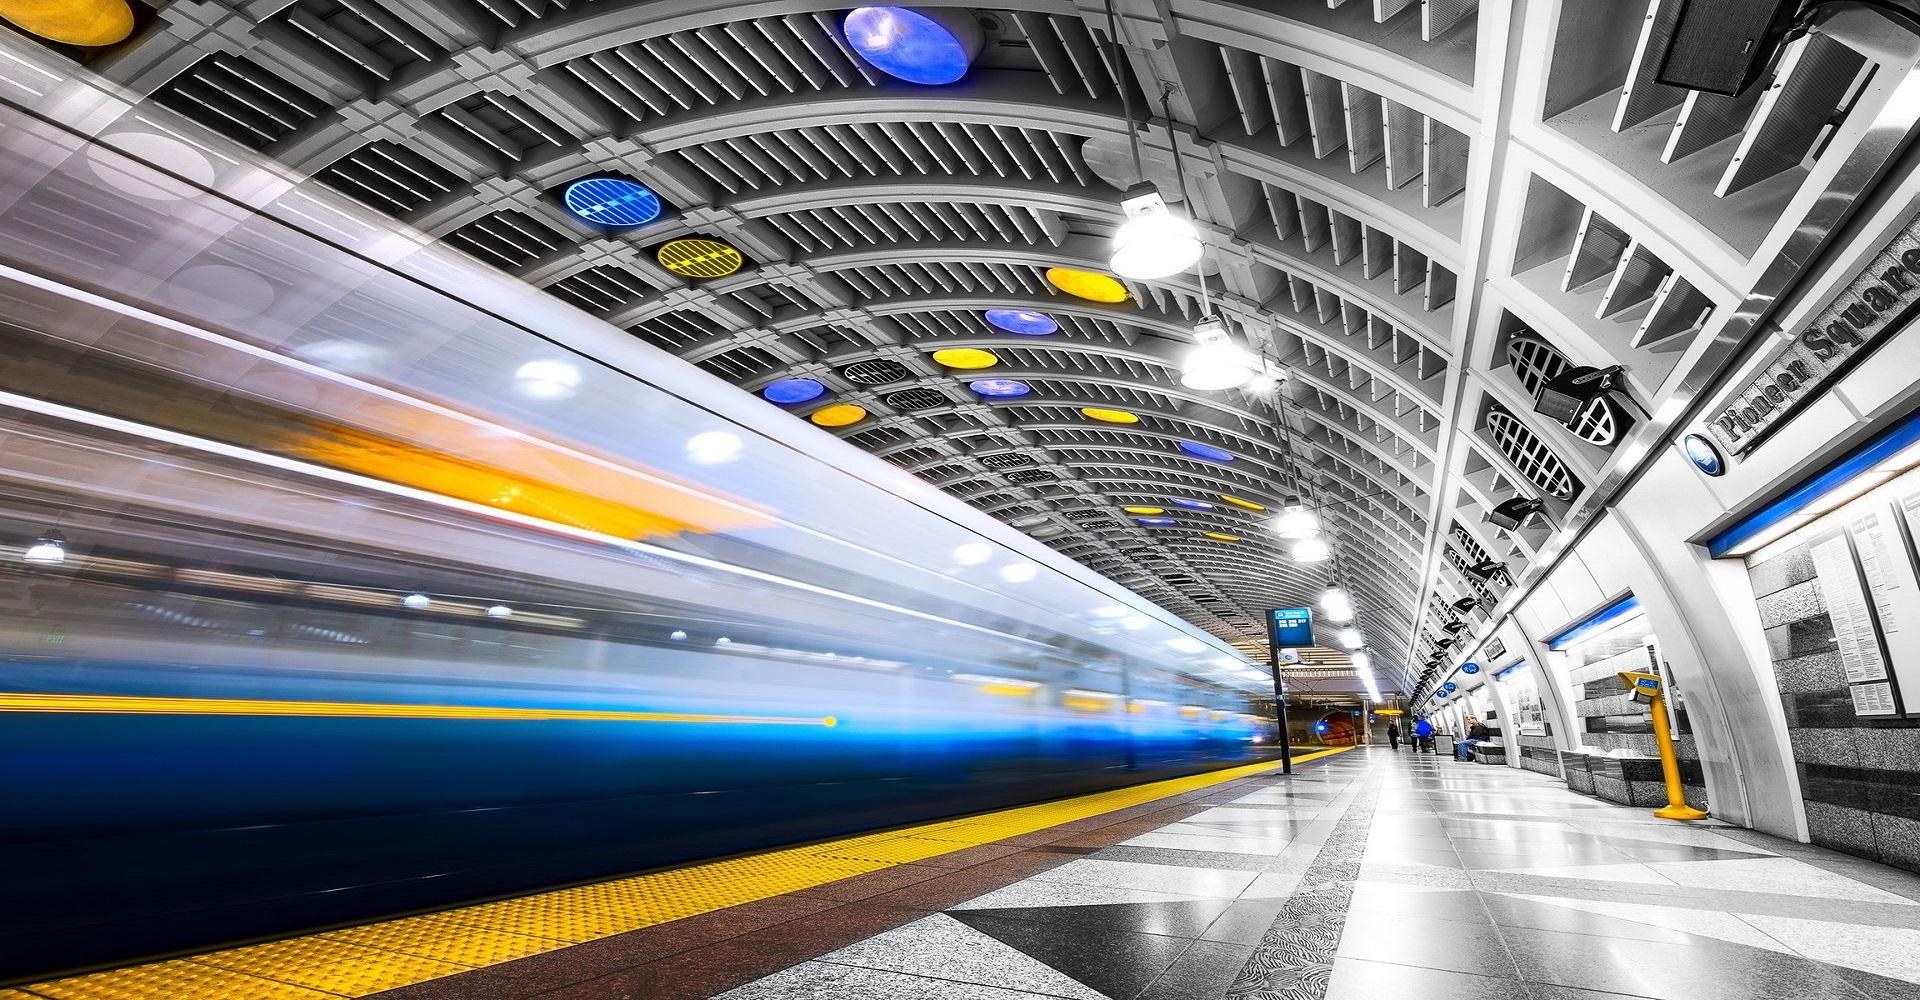 اپلیکیشن زمانبندی مترو